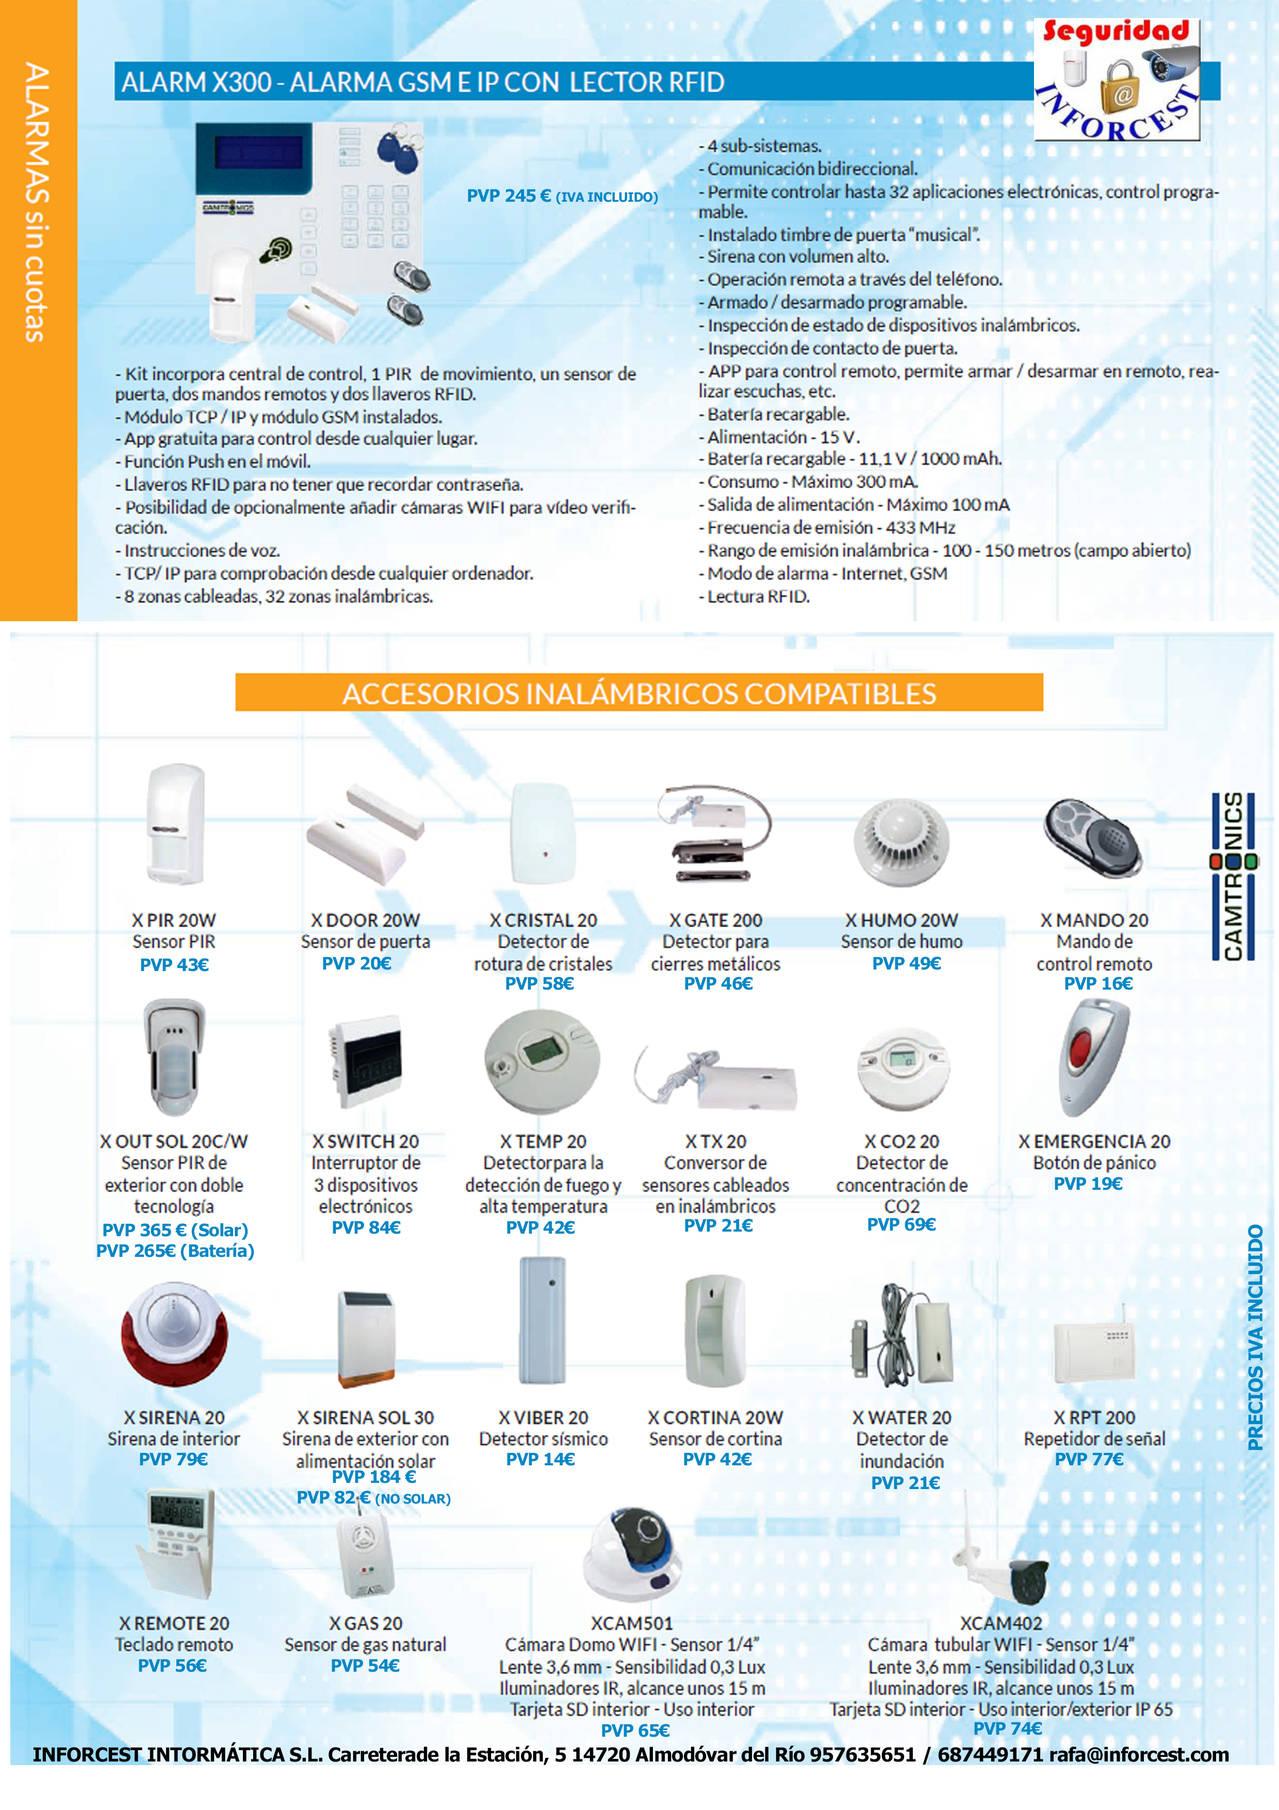 ALARMX300 - Alarma GSM e IP con lector RFID